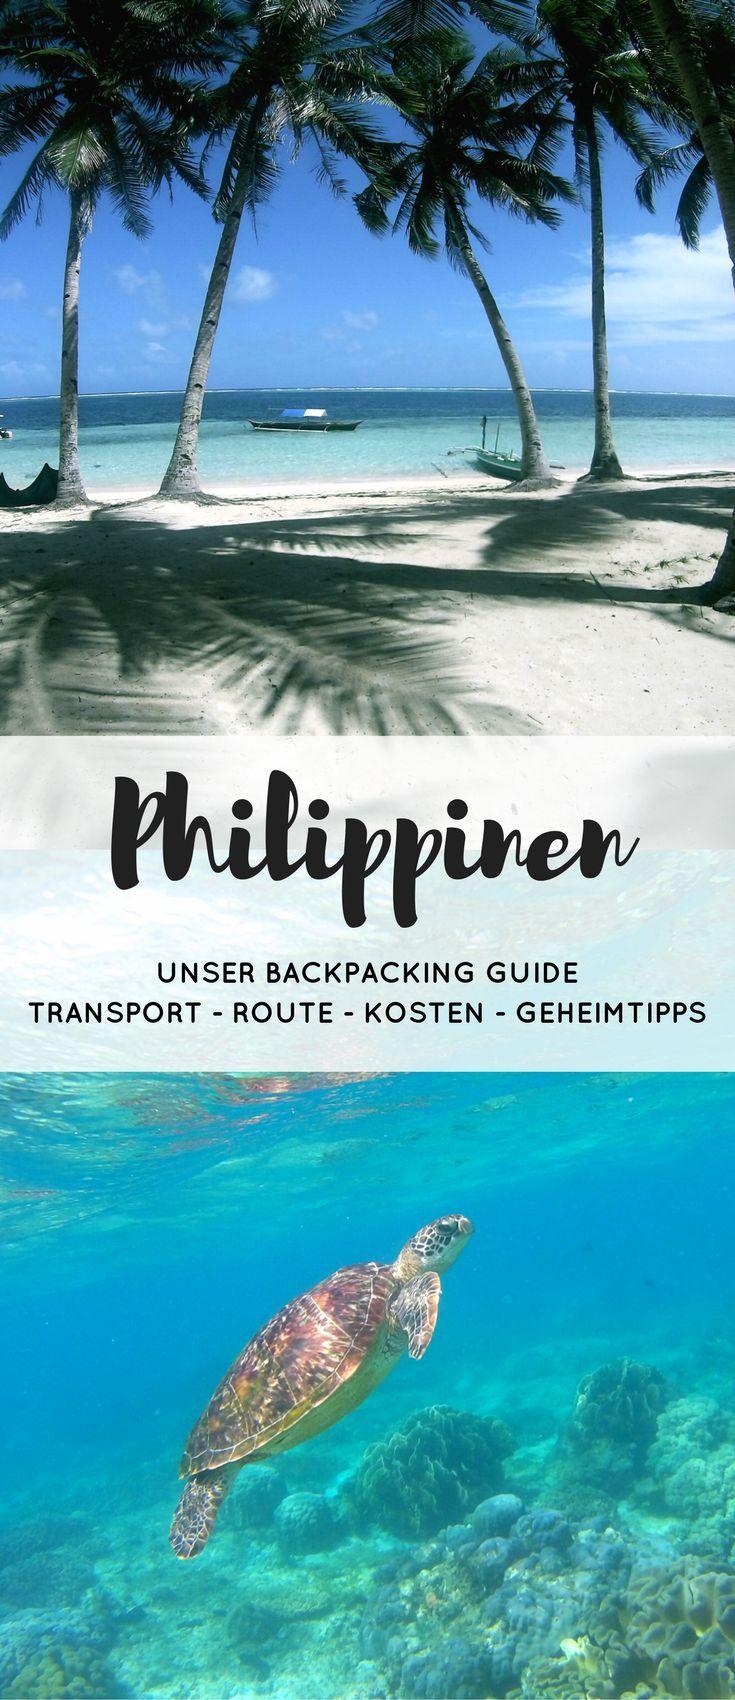 Alles für deine individuelle Reise auf den Philippinen. Mit Tipps für Routen, Highlights und Vorstellung der Inseln Siquijor, Siargao, Apo Island, Bohol und Cebu. So wird dein Urlaub auf den Philippinen unvergesslich. #reisebericht #urlaub #backpacking #philippines